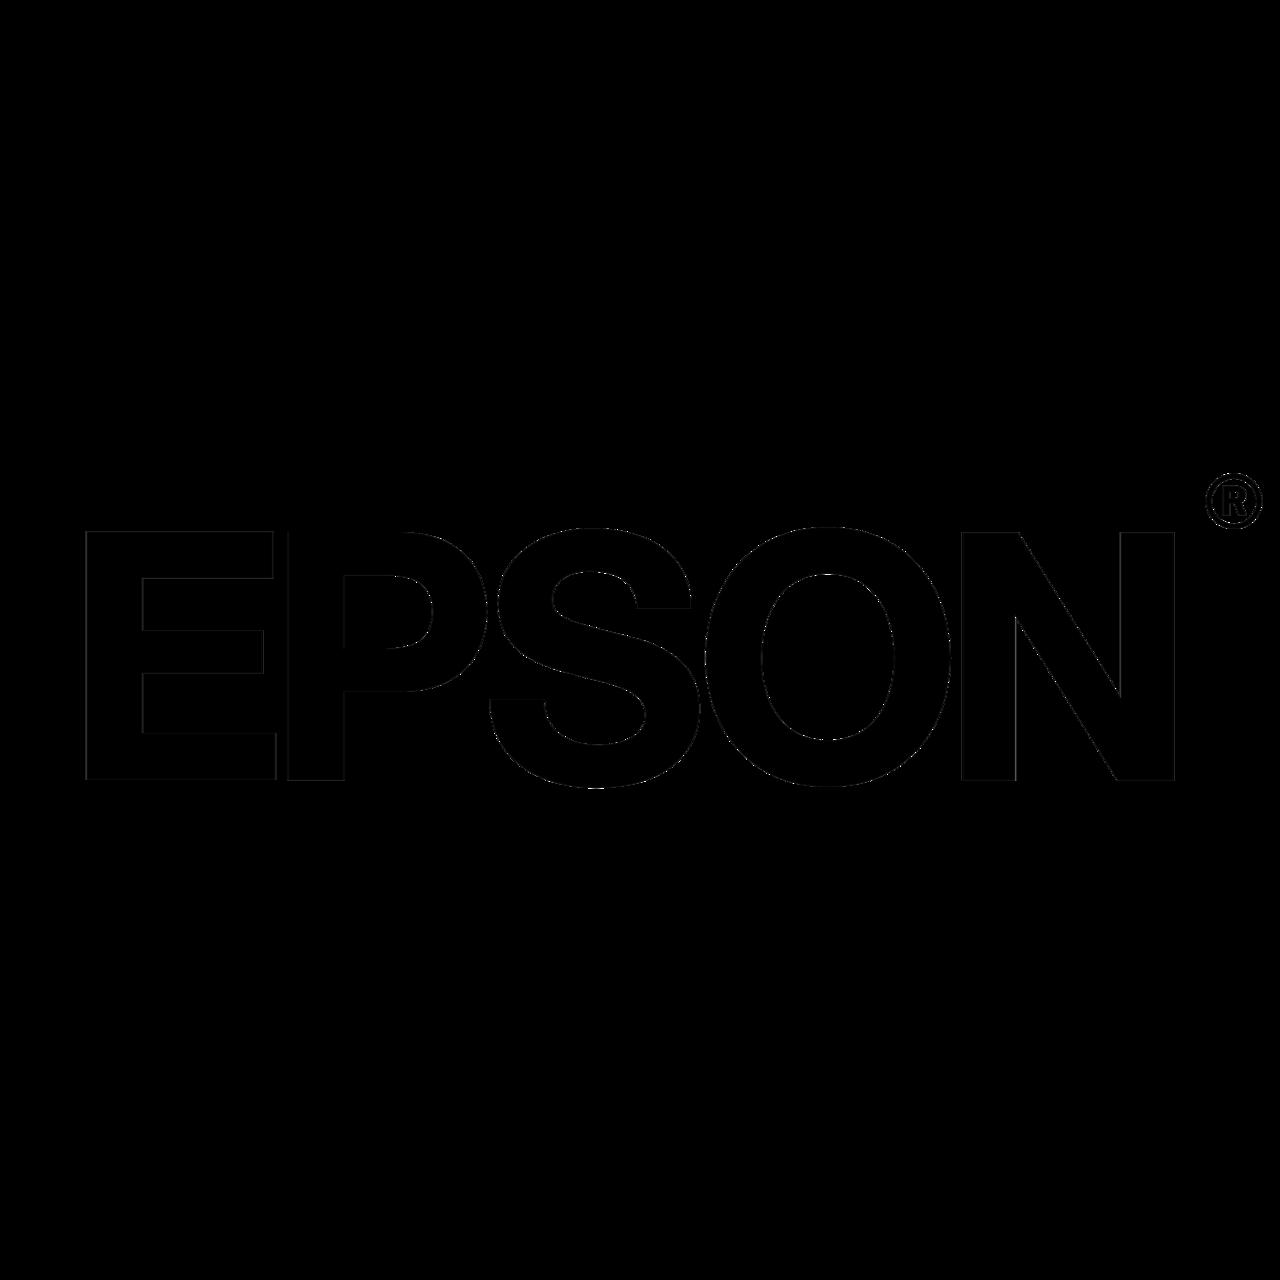 epson-logo-black-and-white